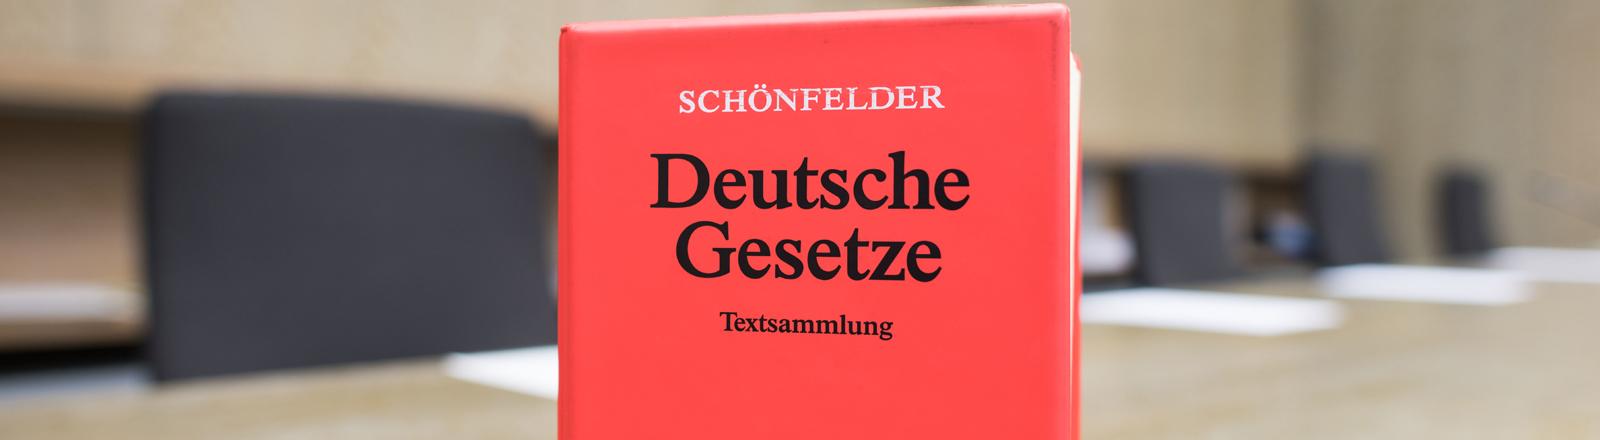 Schönefelder: Deutsche Gesetze